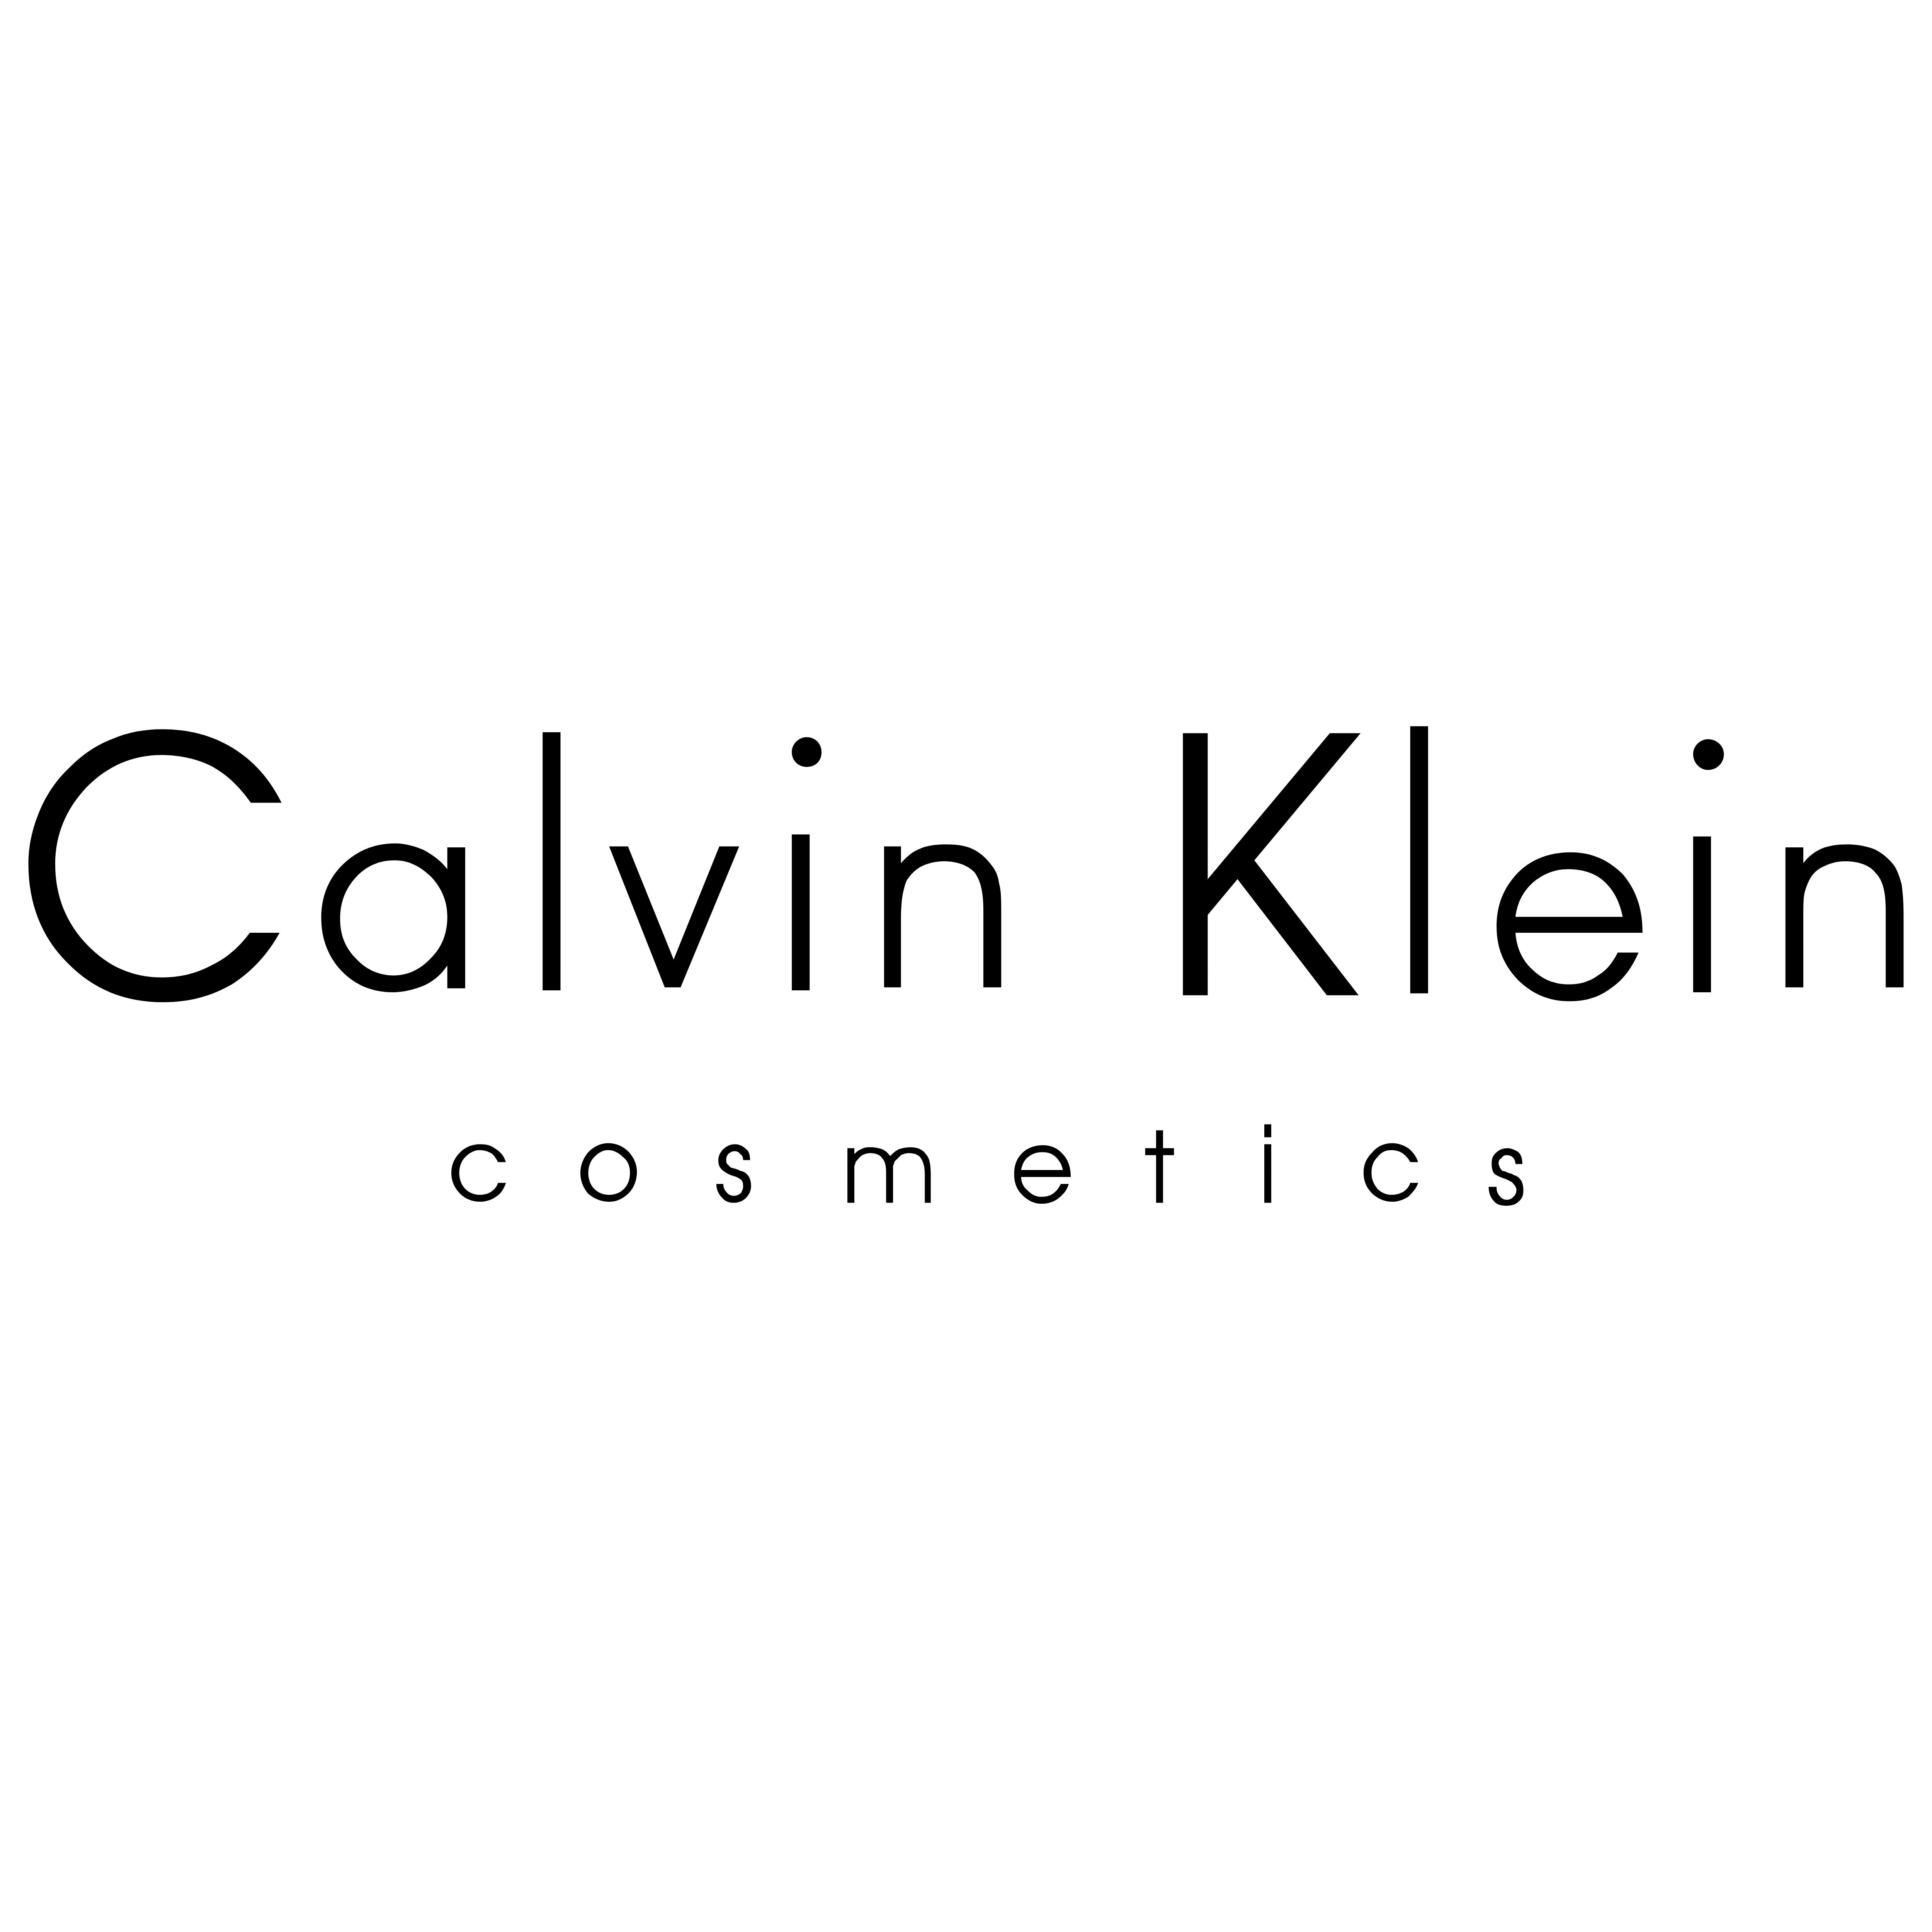 Calvin Klein – Logos Download - Calvin Klein Logo PNG